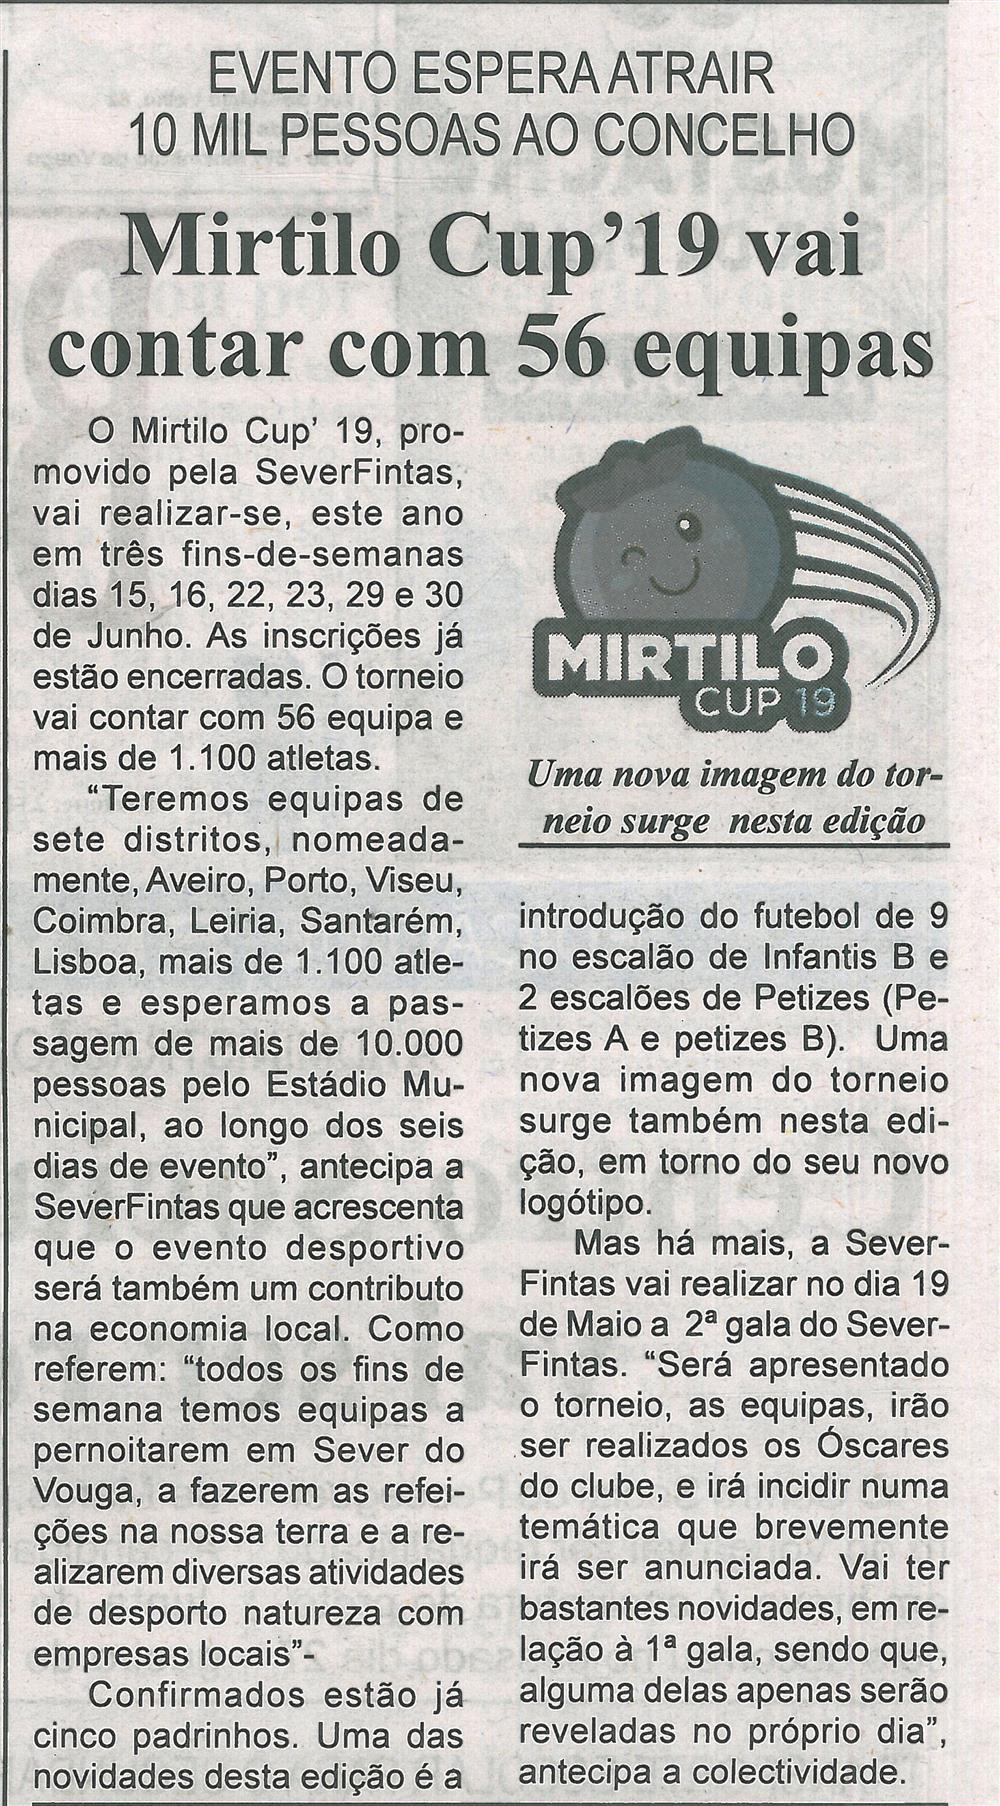 BV-1.ªabr.'19-p.2-Mirtilo Cup '19 vai contar com 56 equipas.jpg